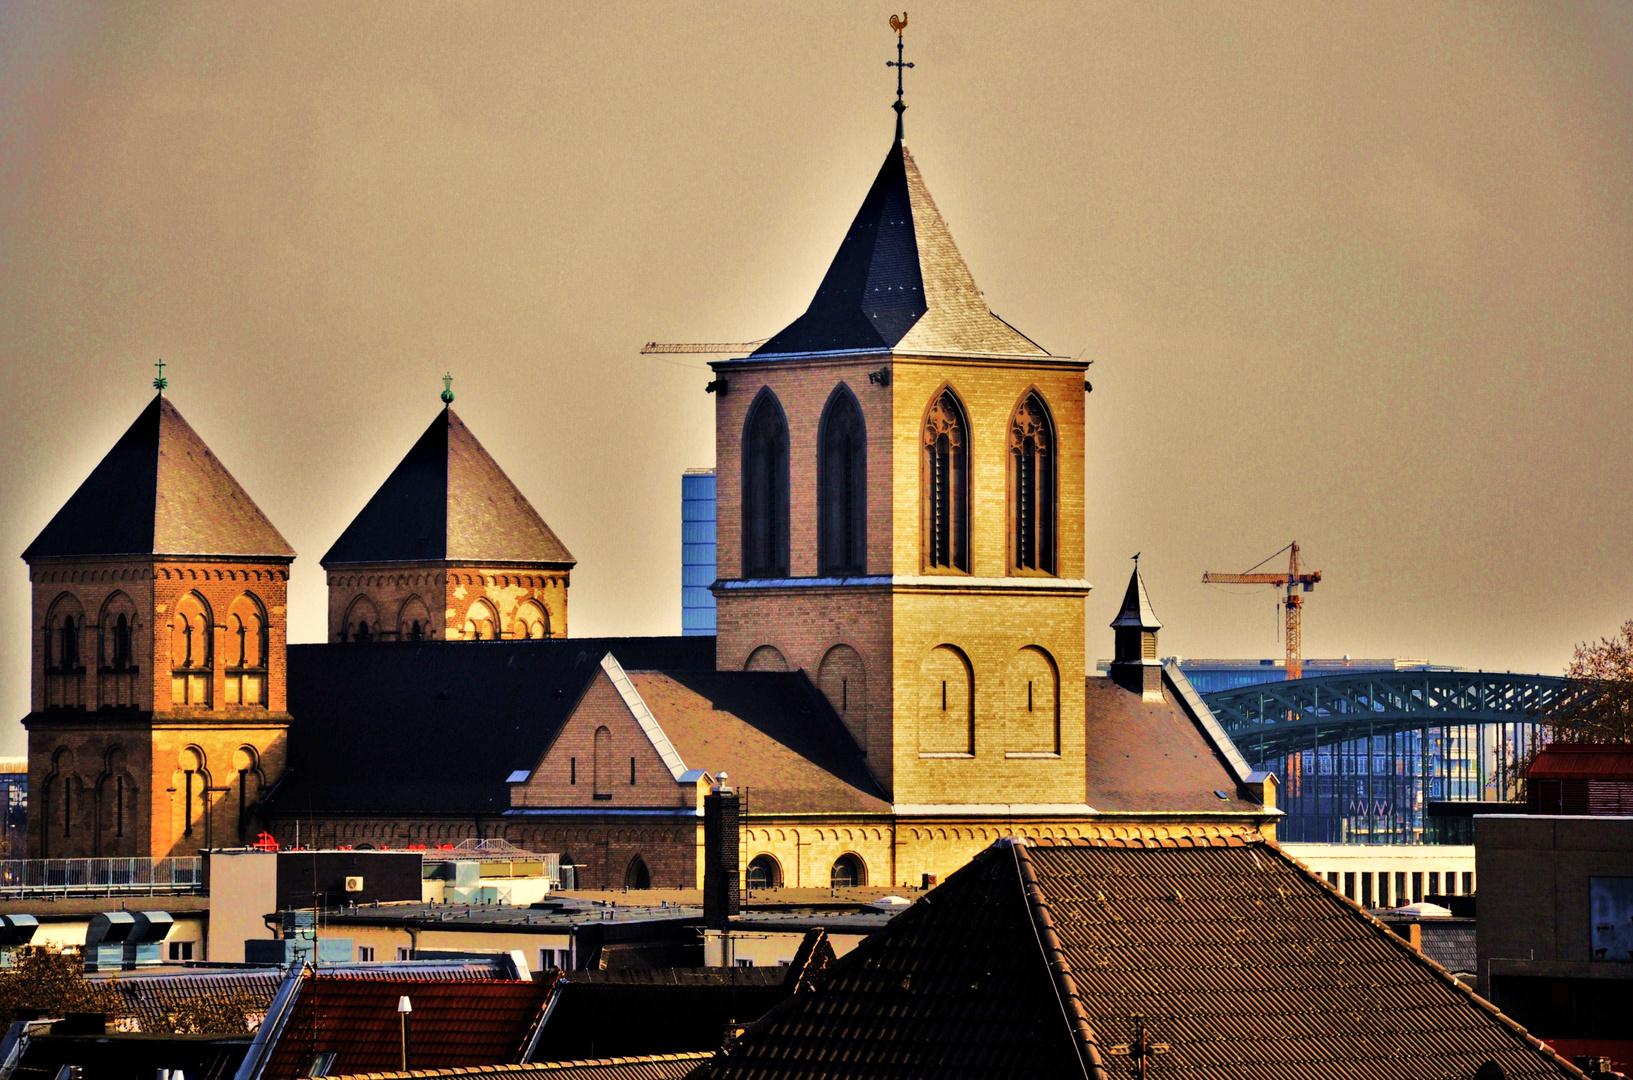 Über den Dächern von Köln...2